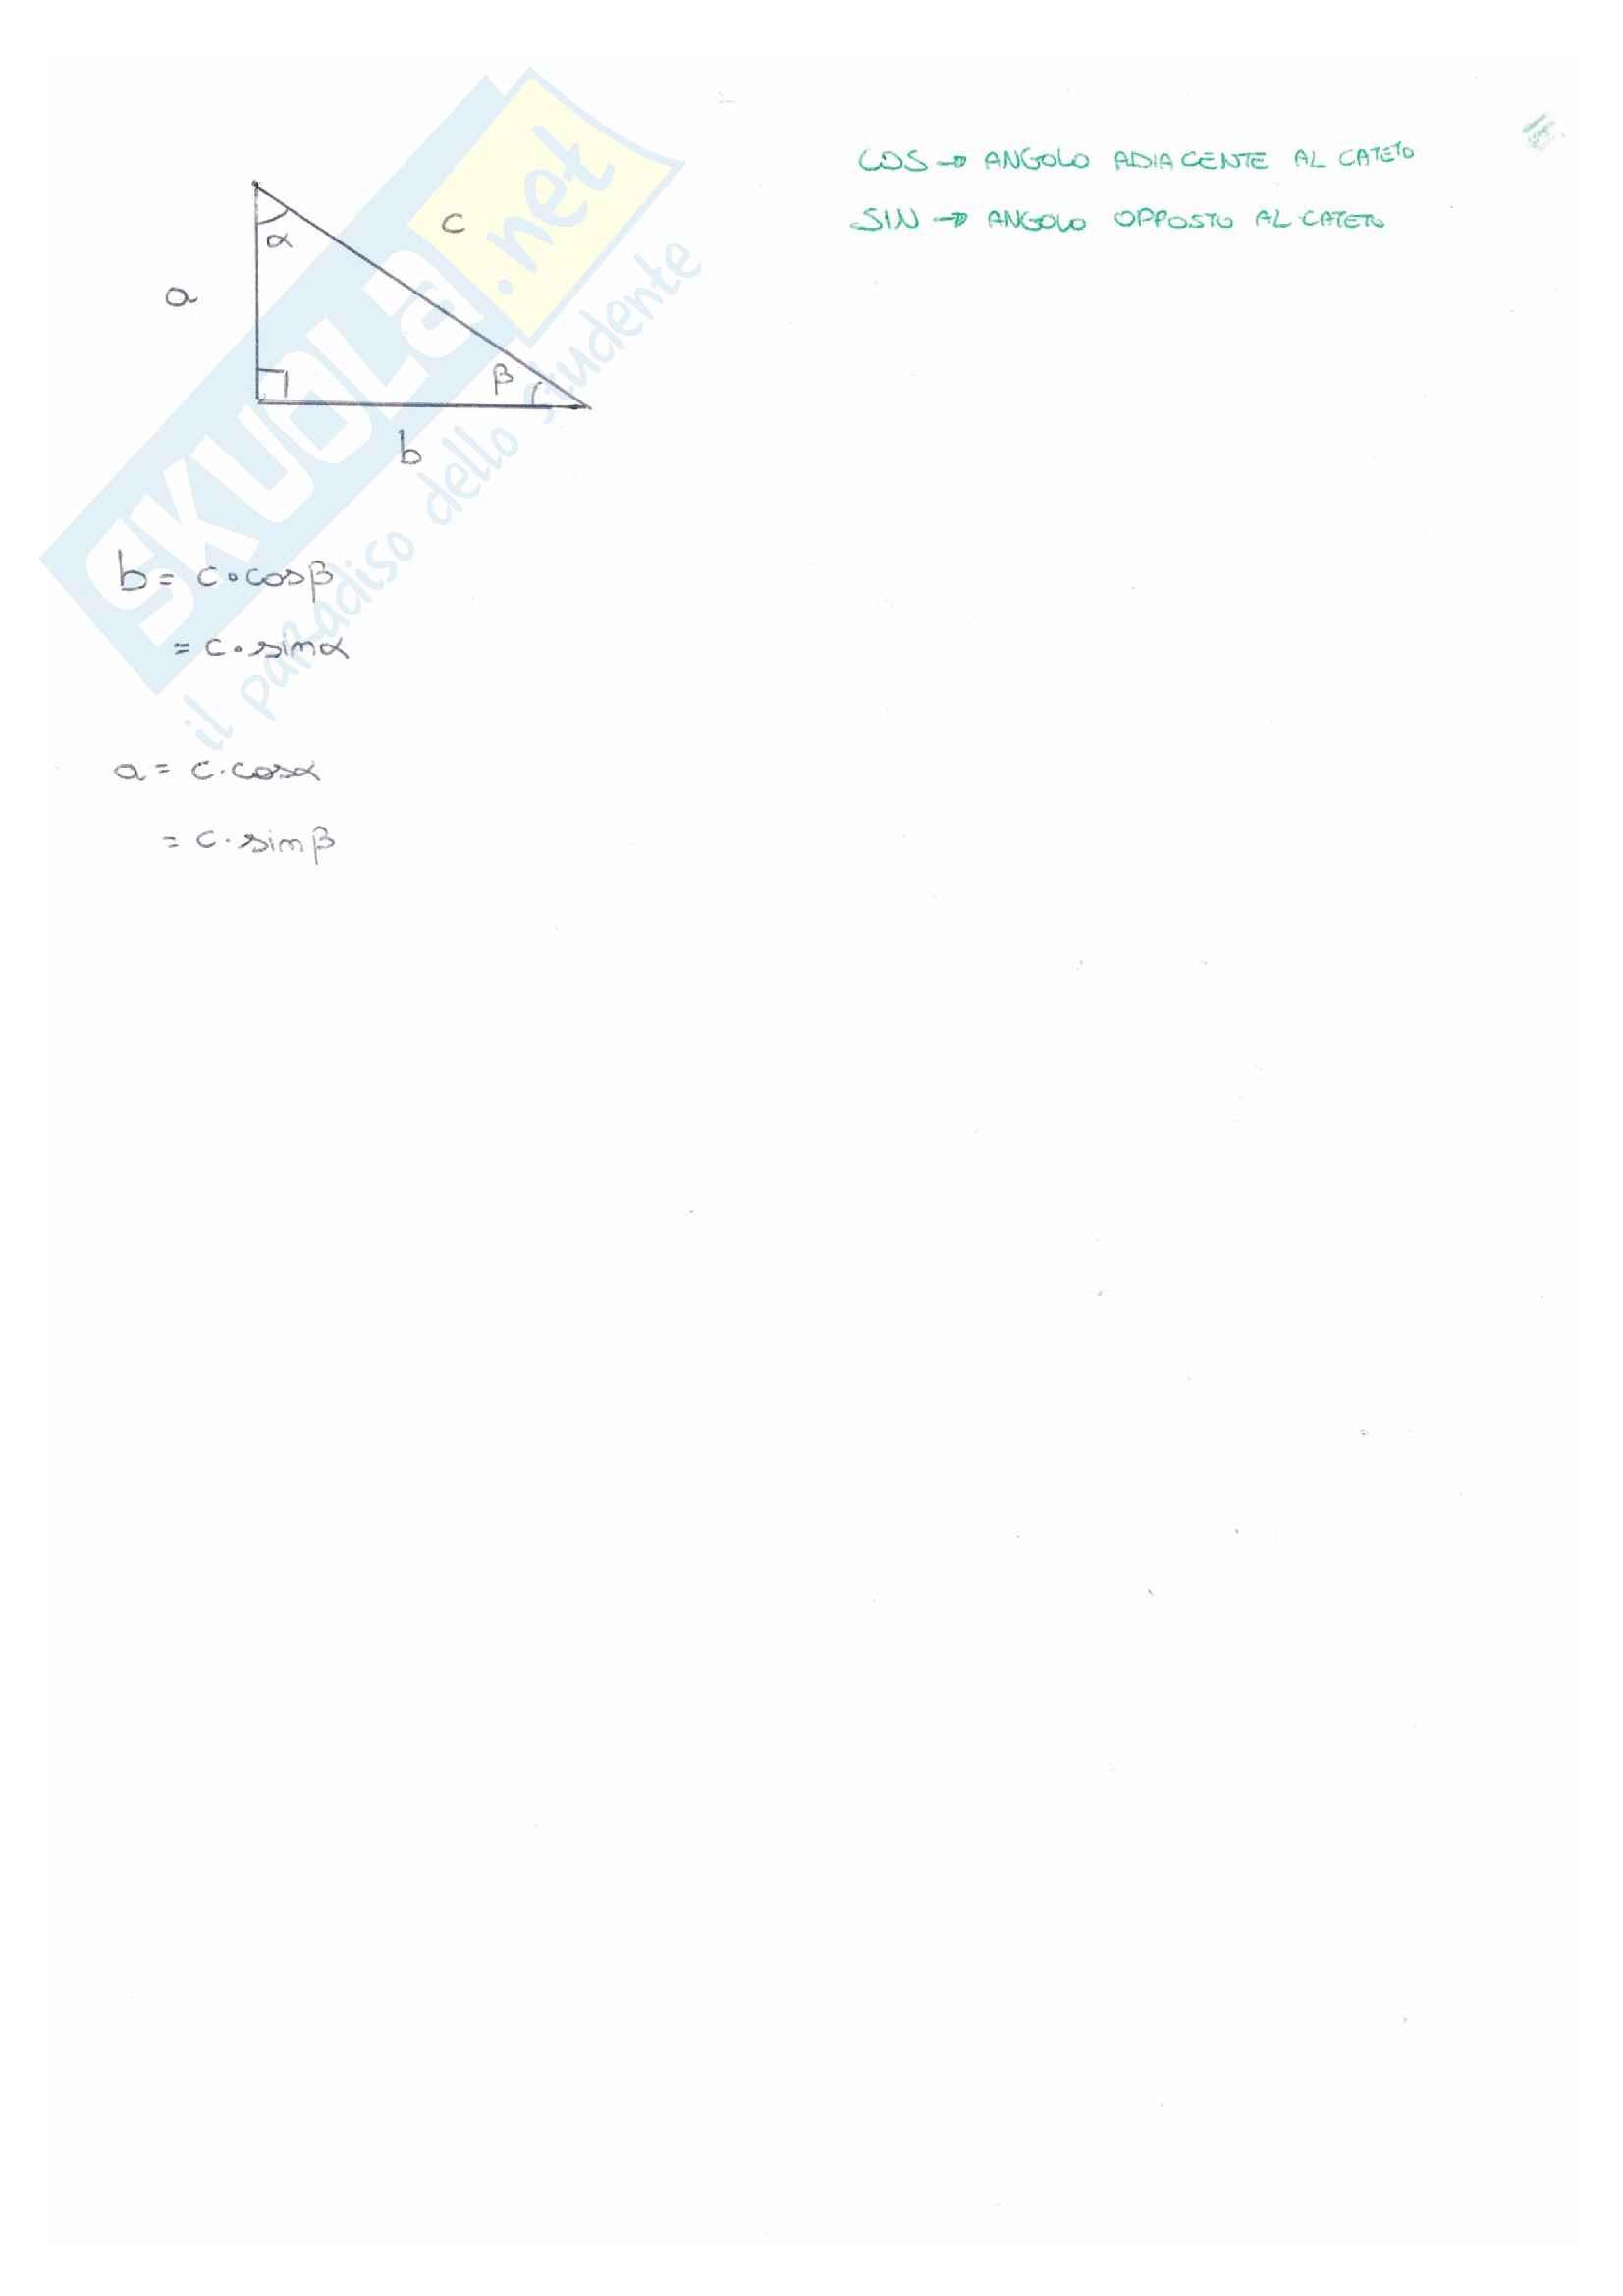 Meccanica delle macchine esercizi e temi d'esame svolti, prof Eula Pag. 16